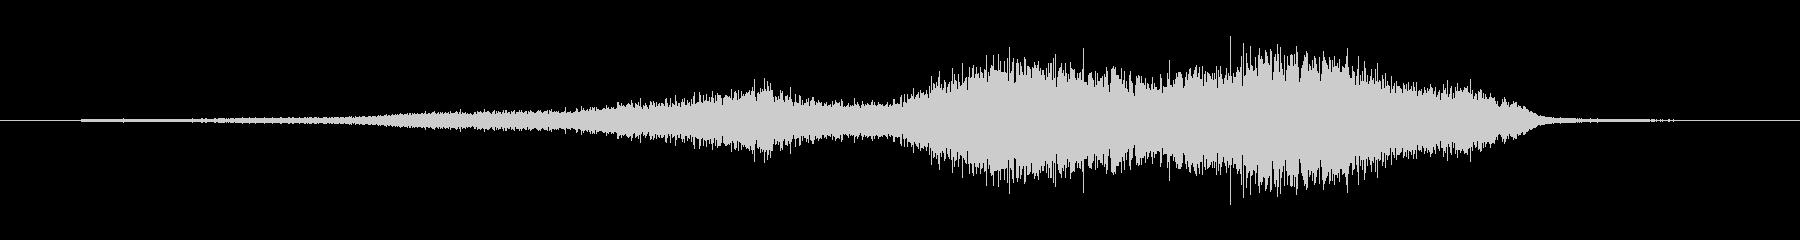 ヘビーフーシの未再生の波形